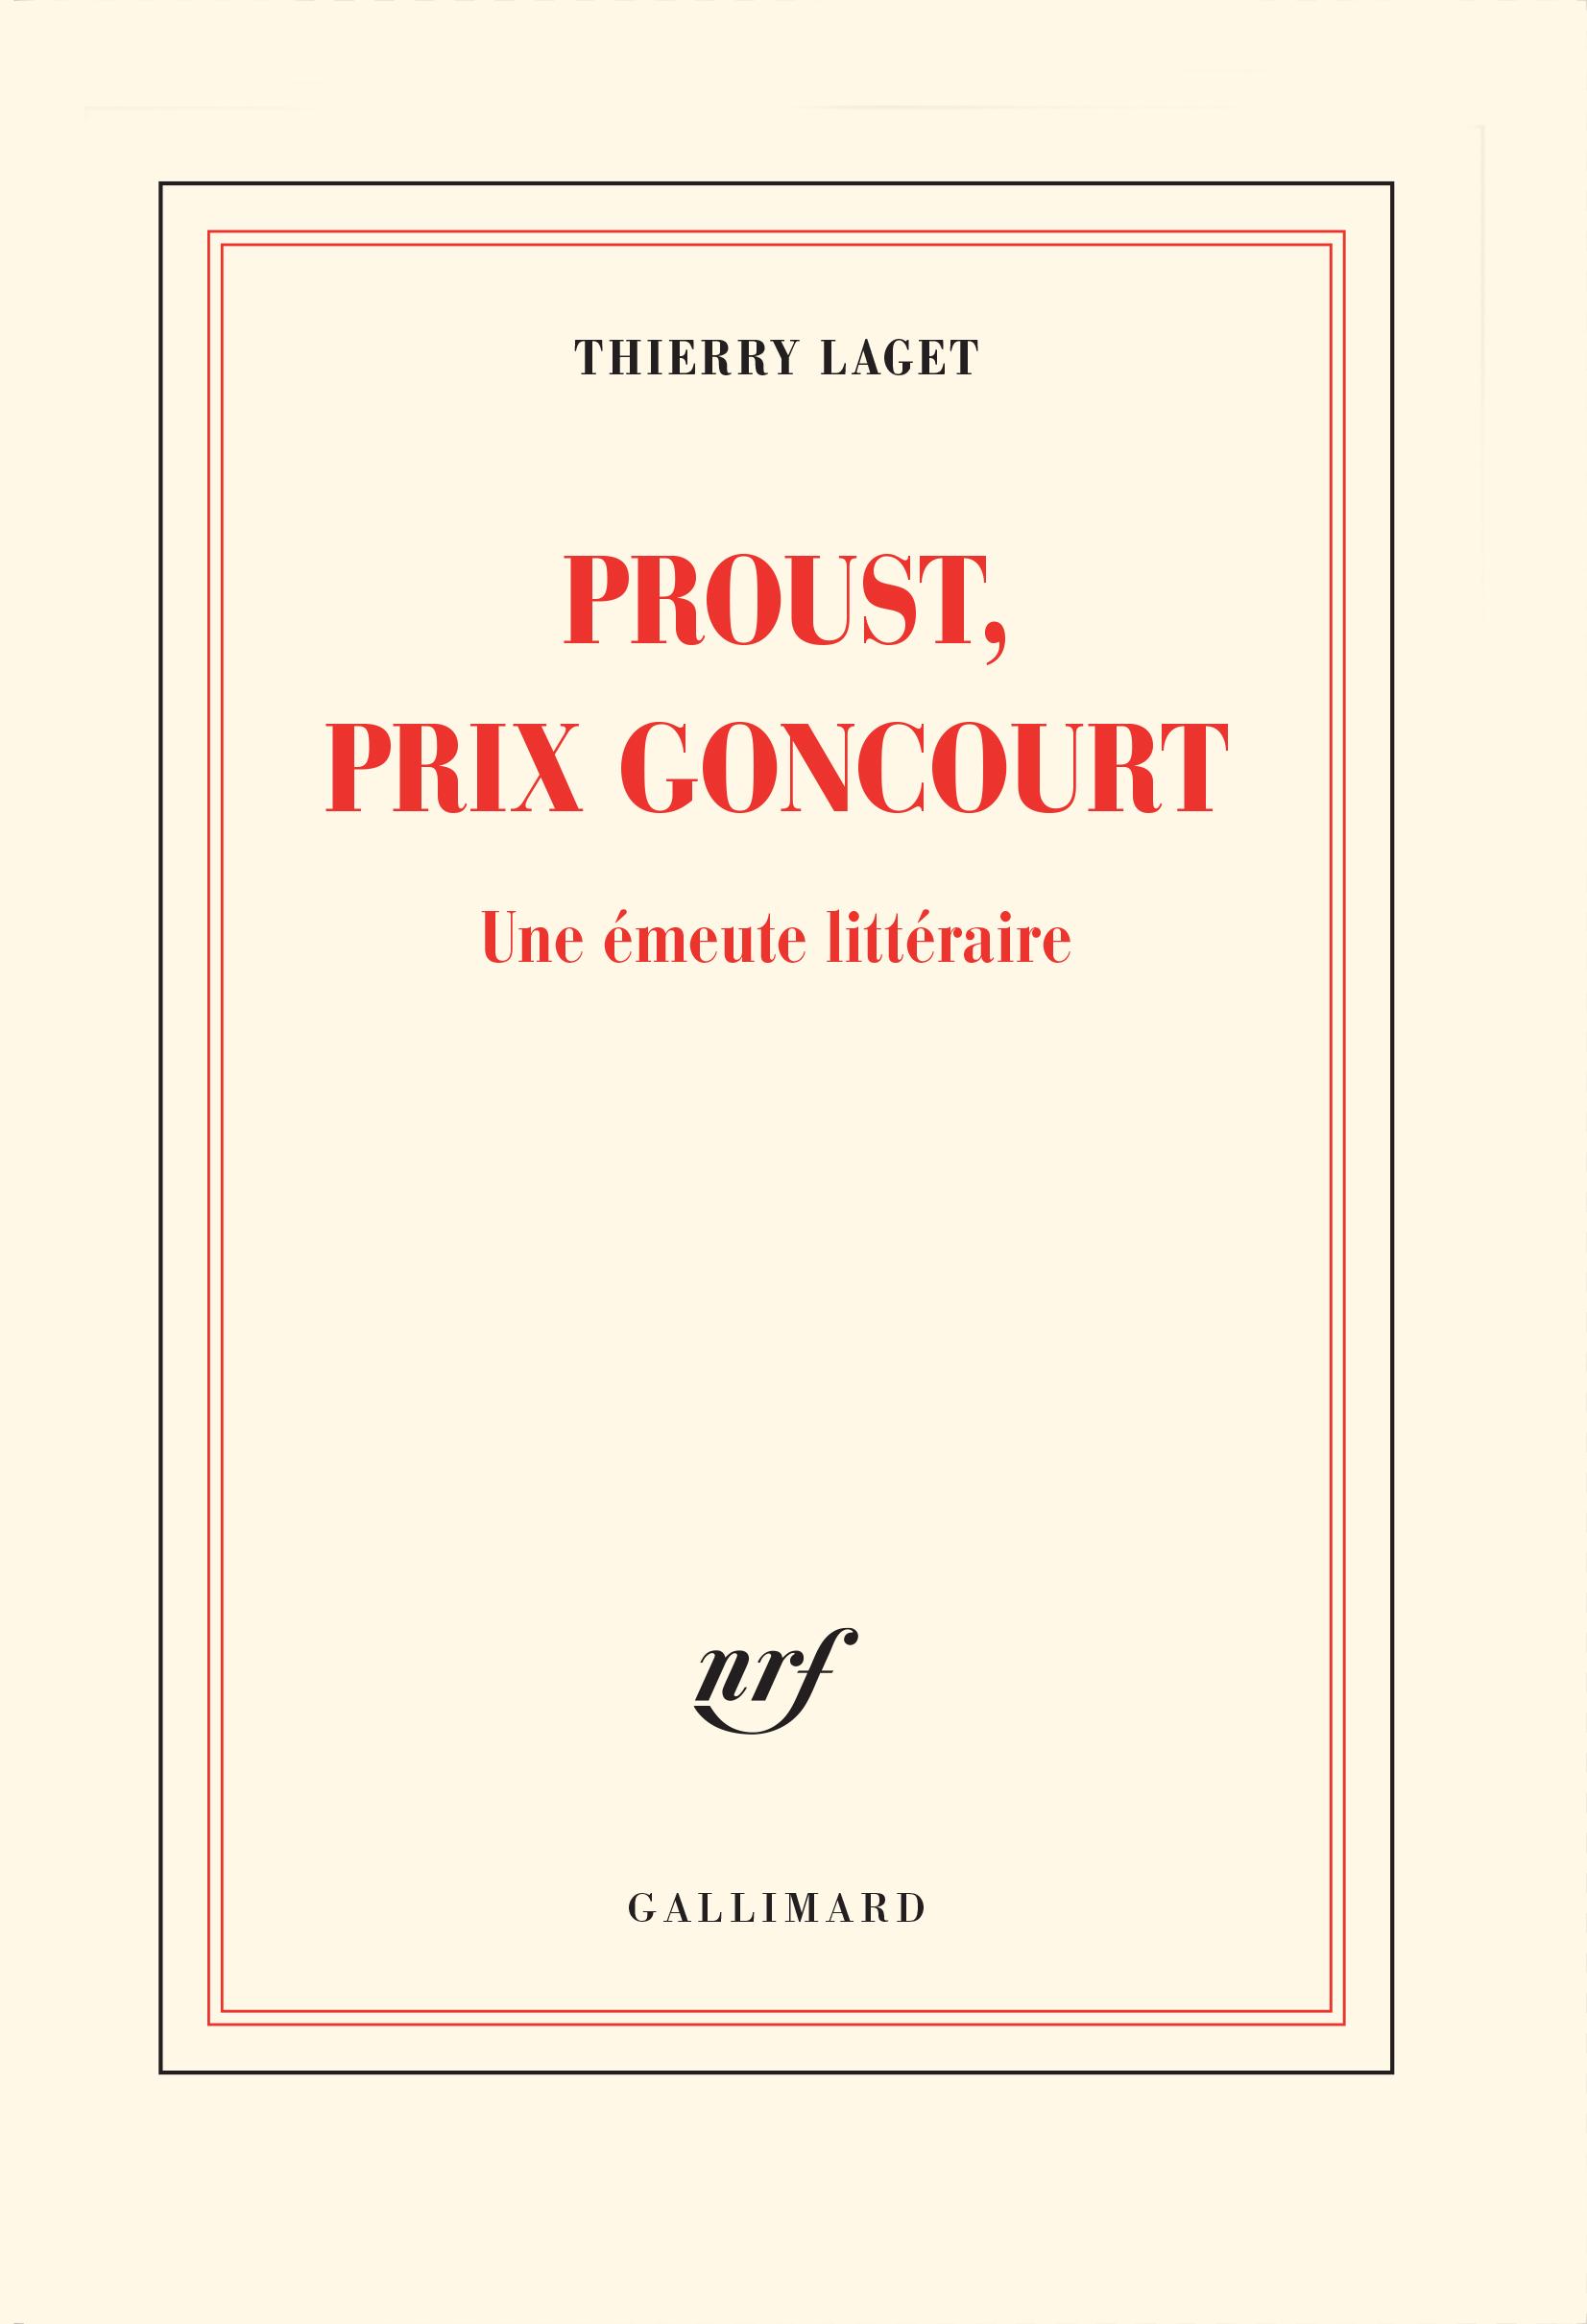 Centenaire du Goncourt de M. Proust. Rencontrre avec J.-Y. Tadié et T. Laget (Hôtel Swann, Paris)